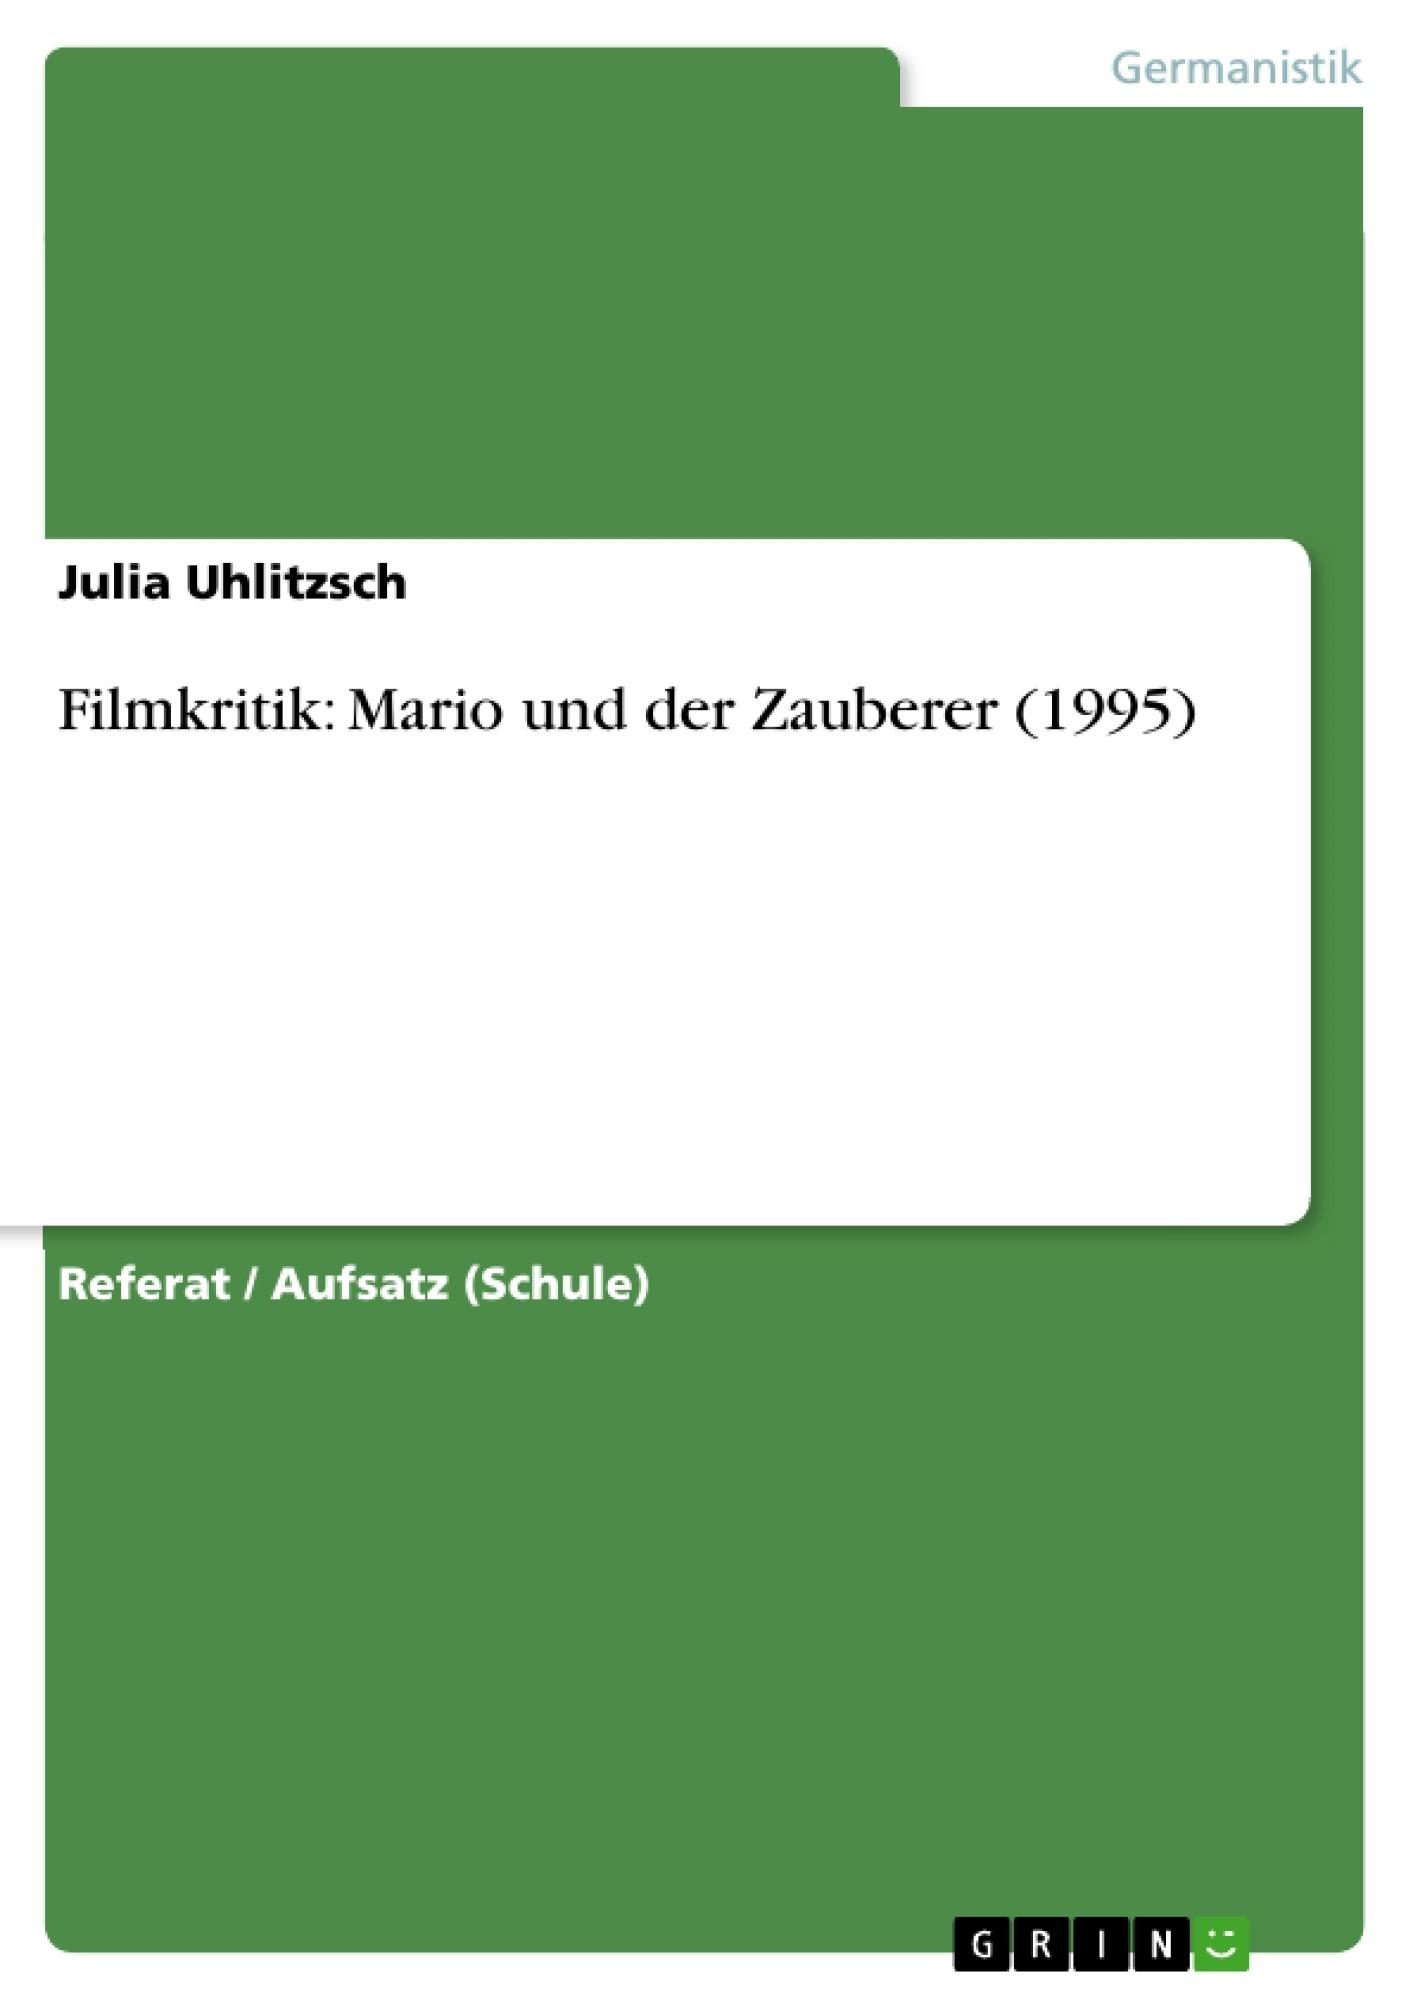 Titel: Filmkritik: Mario und der Zauberer (1995)